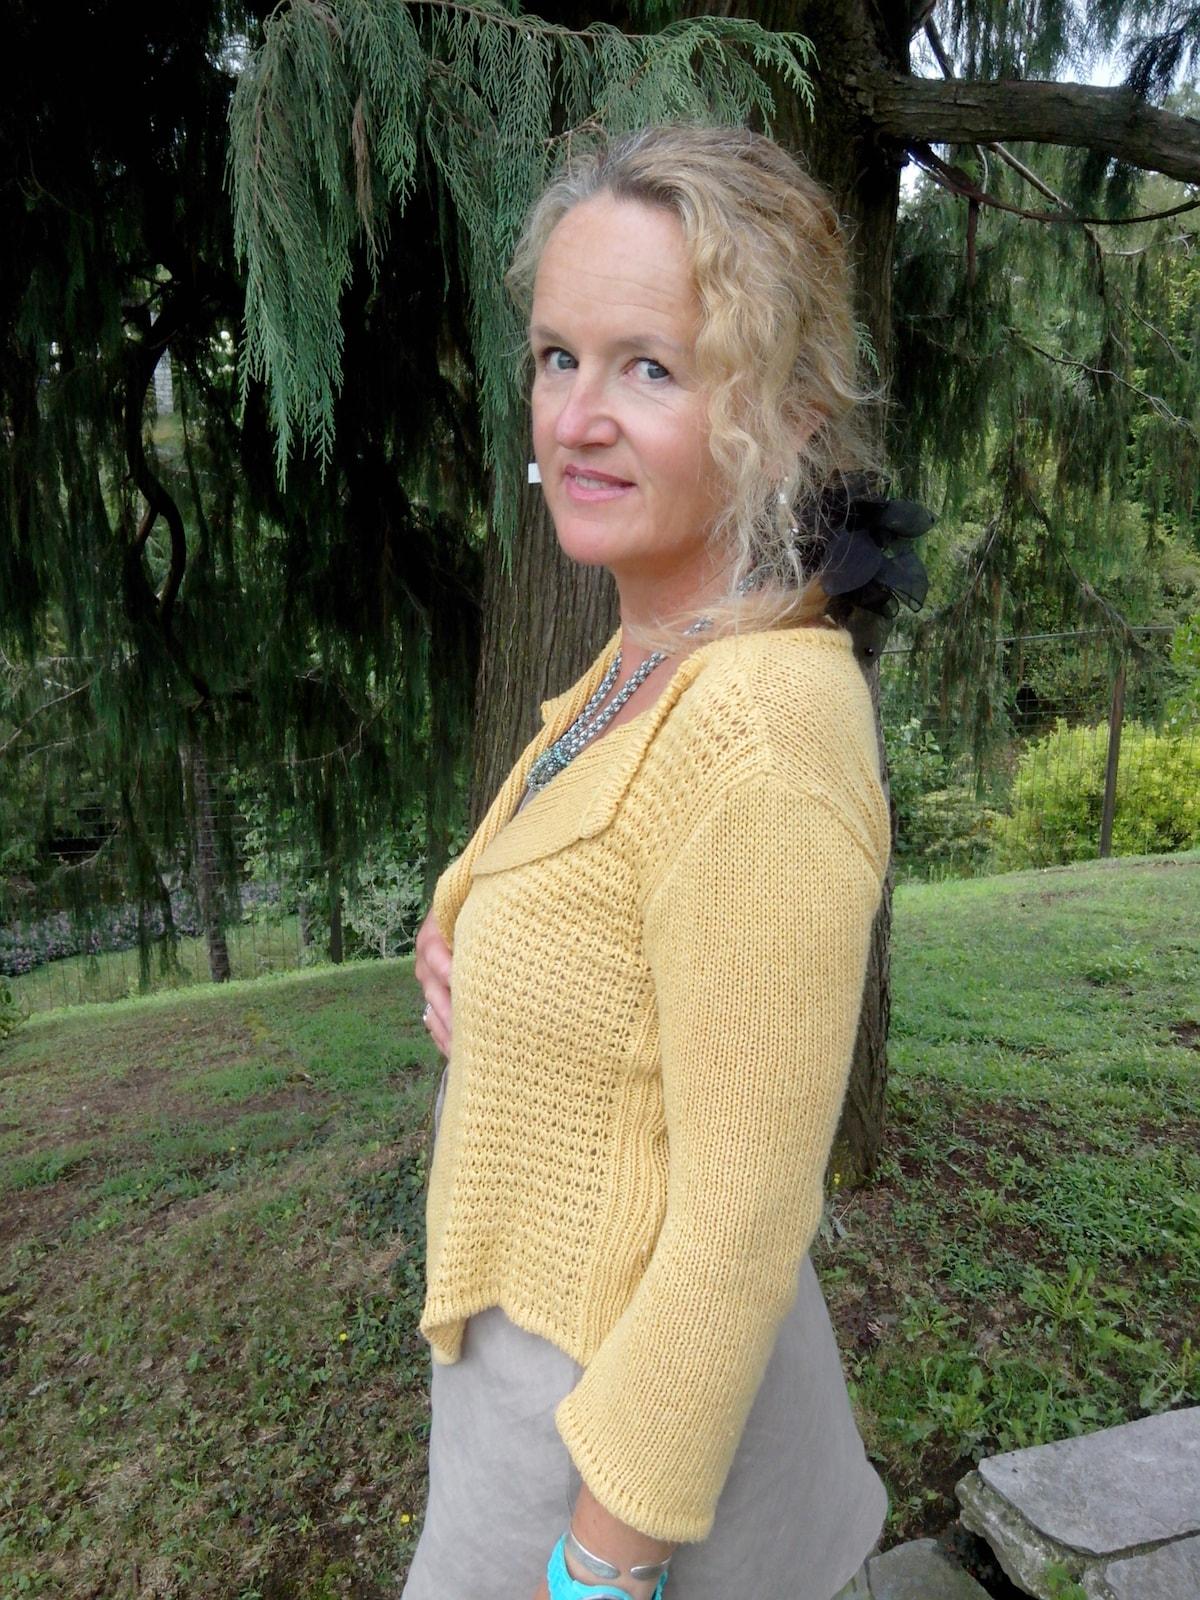 Anne from La Sauvetat-du-Dropt